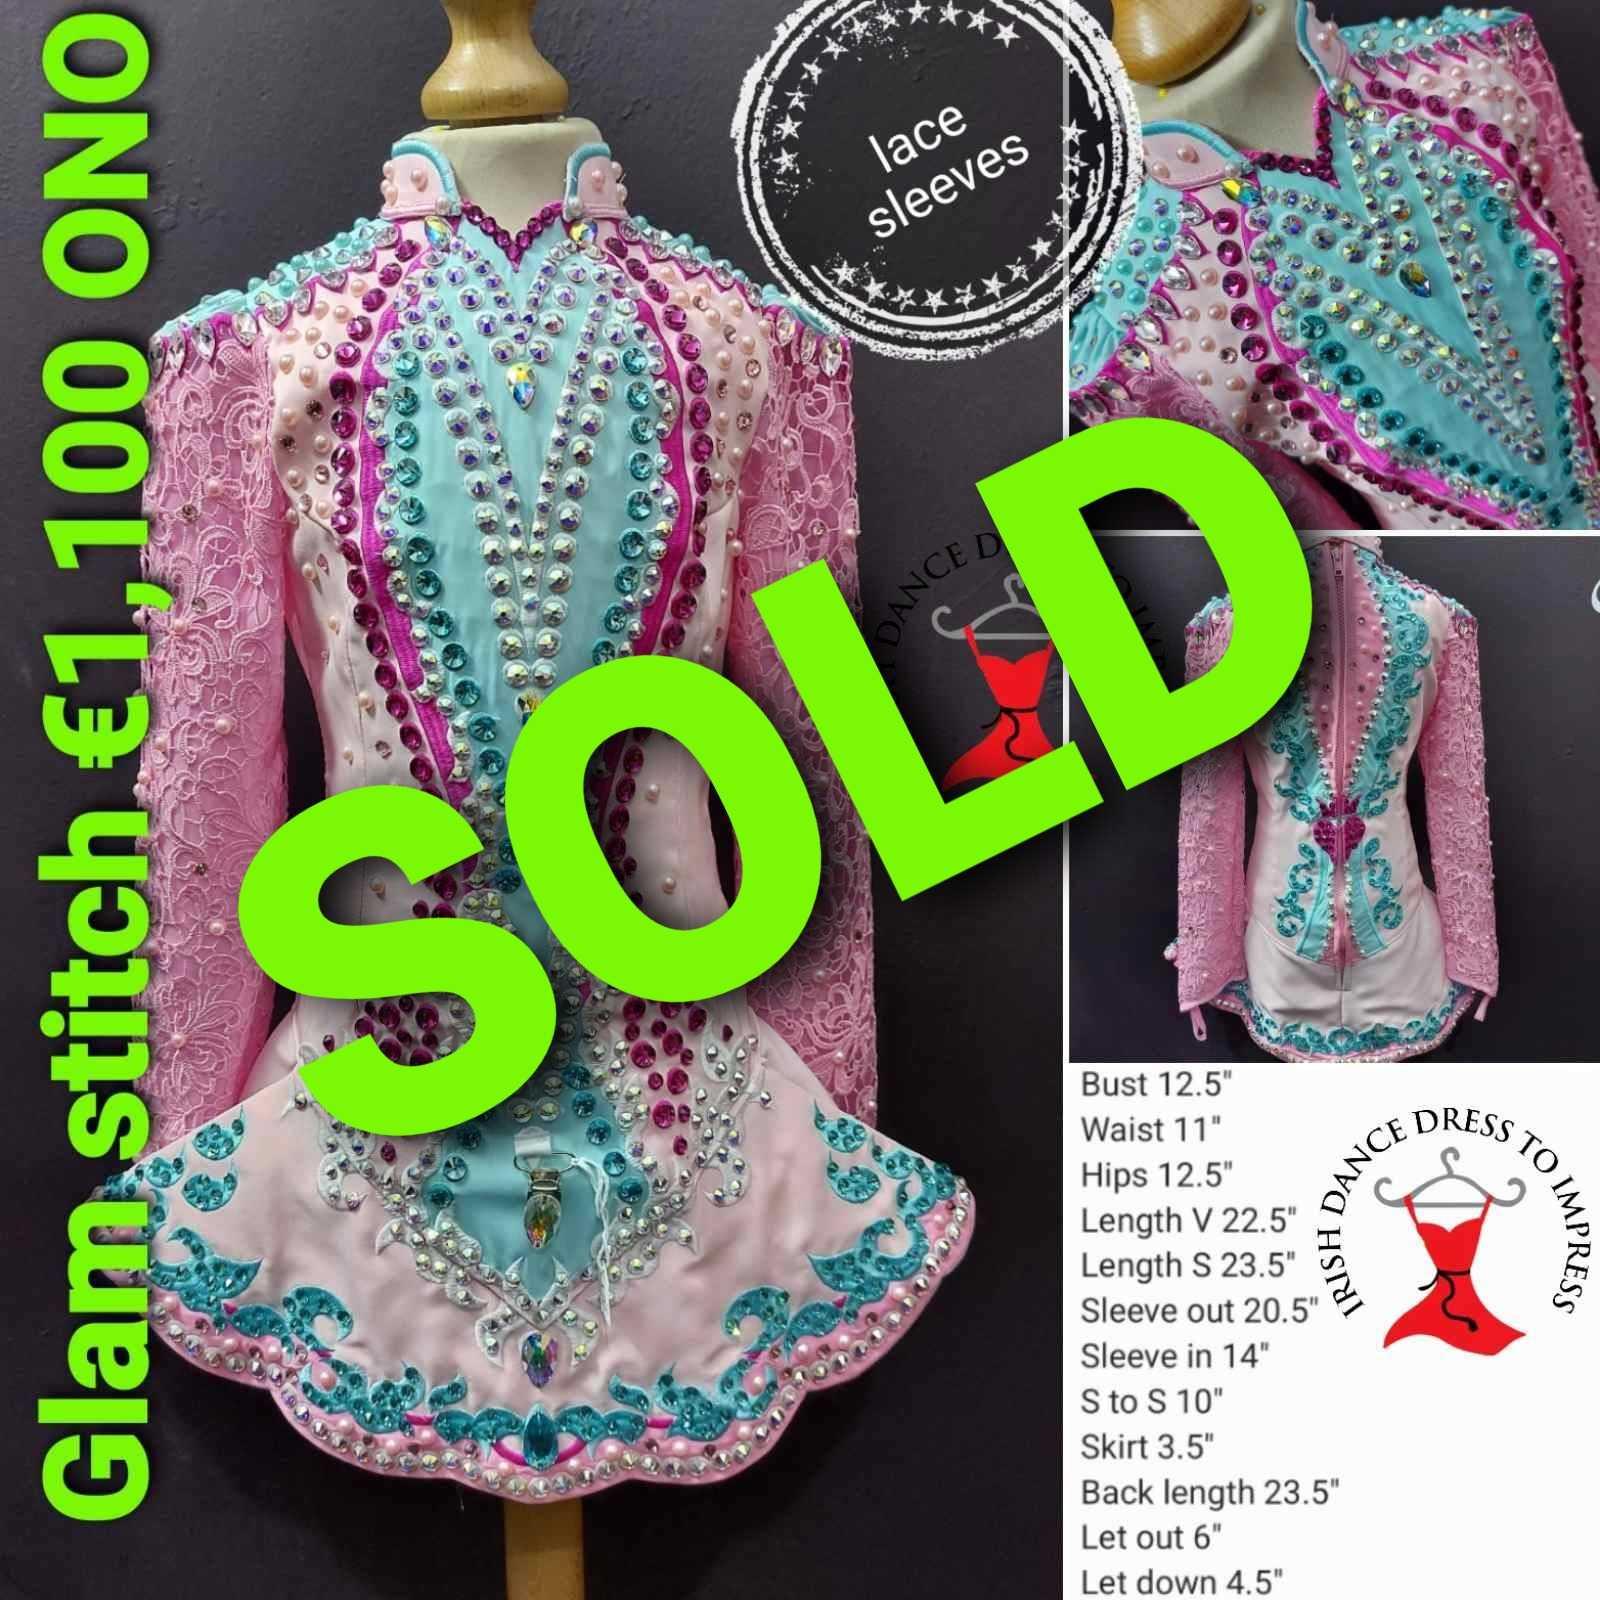 Dress #5660